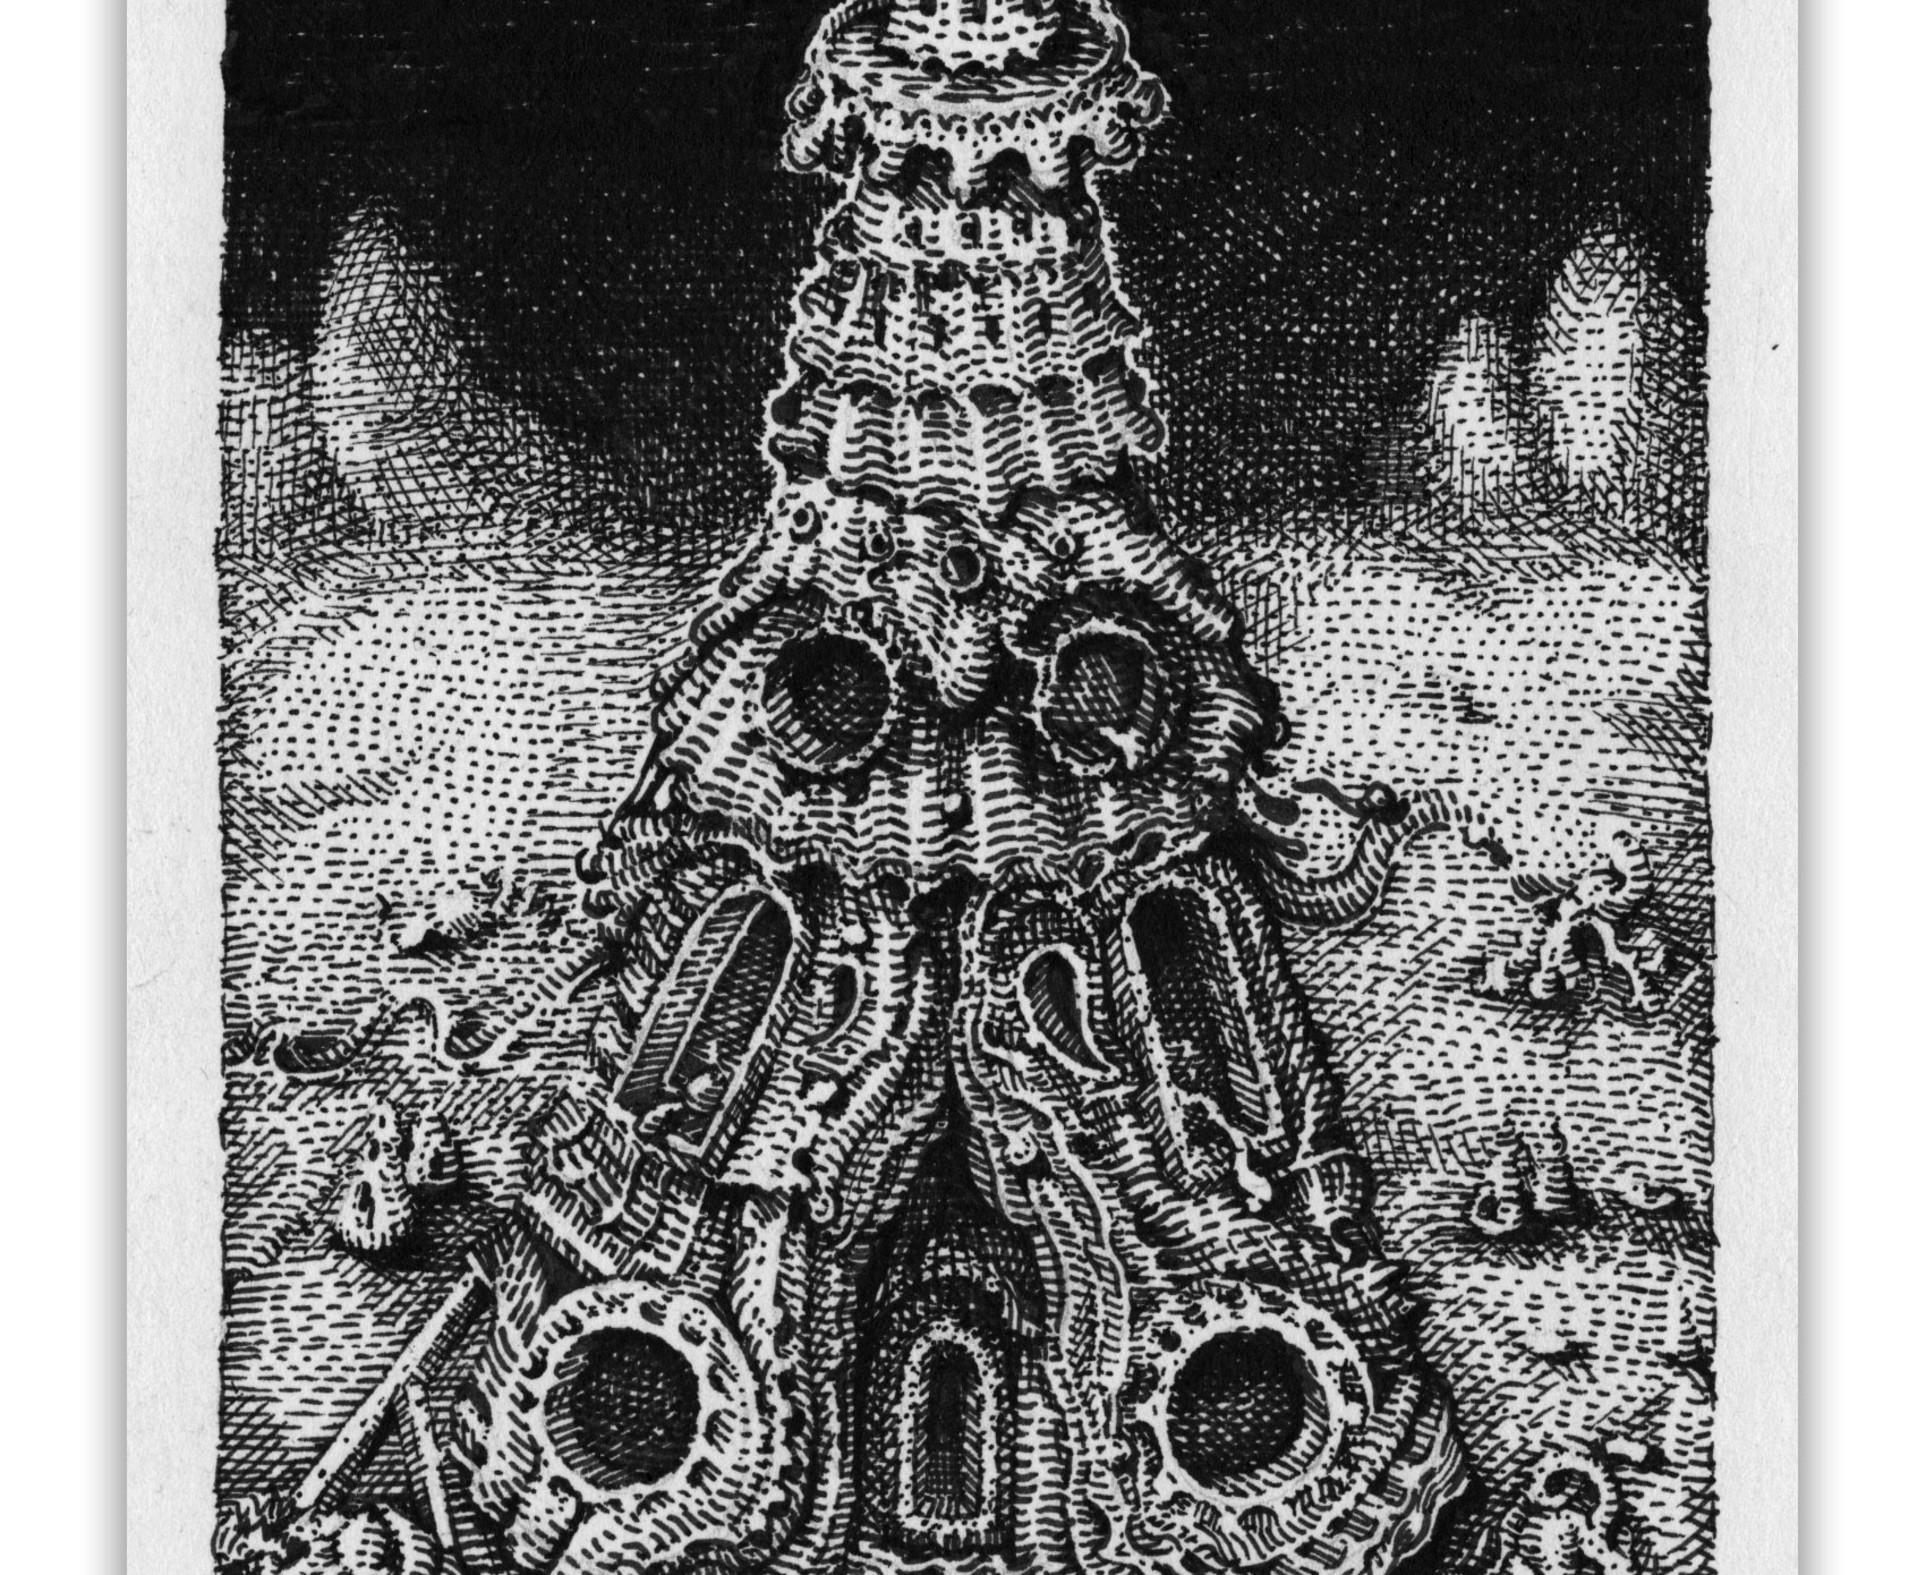 David Welker, The Hermit